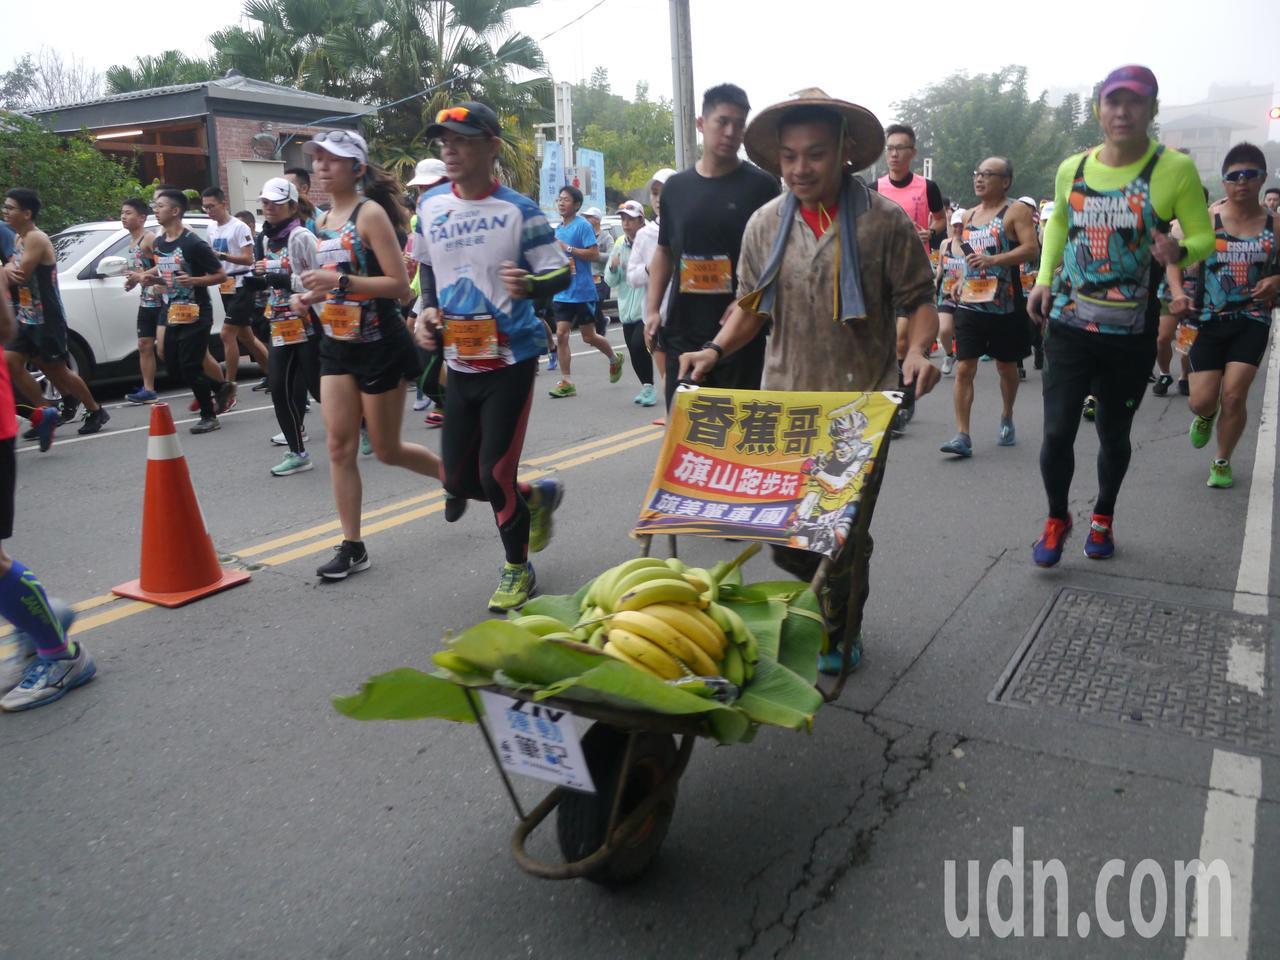 「旗山香蕉哥」林坤彬推著香蕉挑戰半馬。記者徐白櫻/攝影